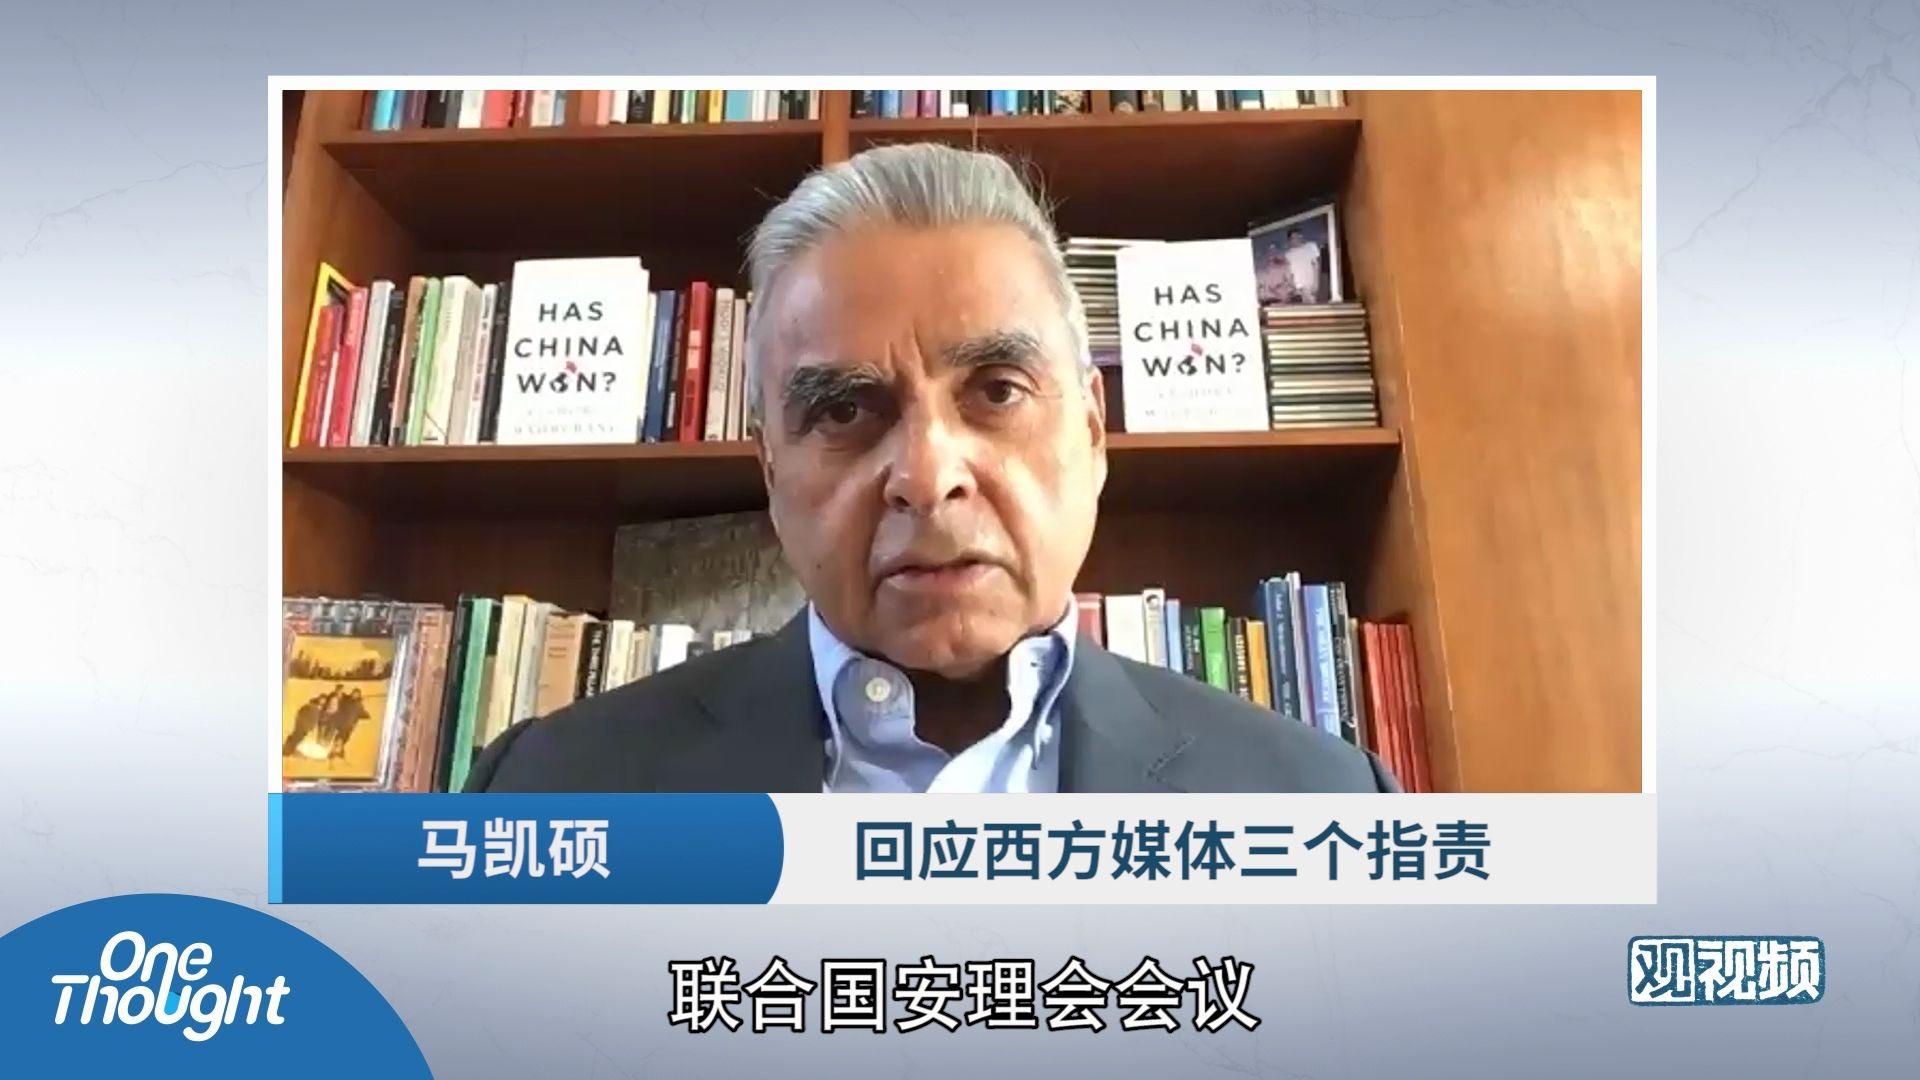 【一勺思想】马凯硕:你们中国有几千年历史,别理美国那个250的